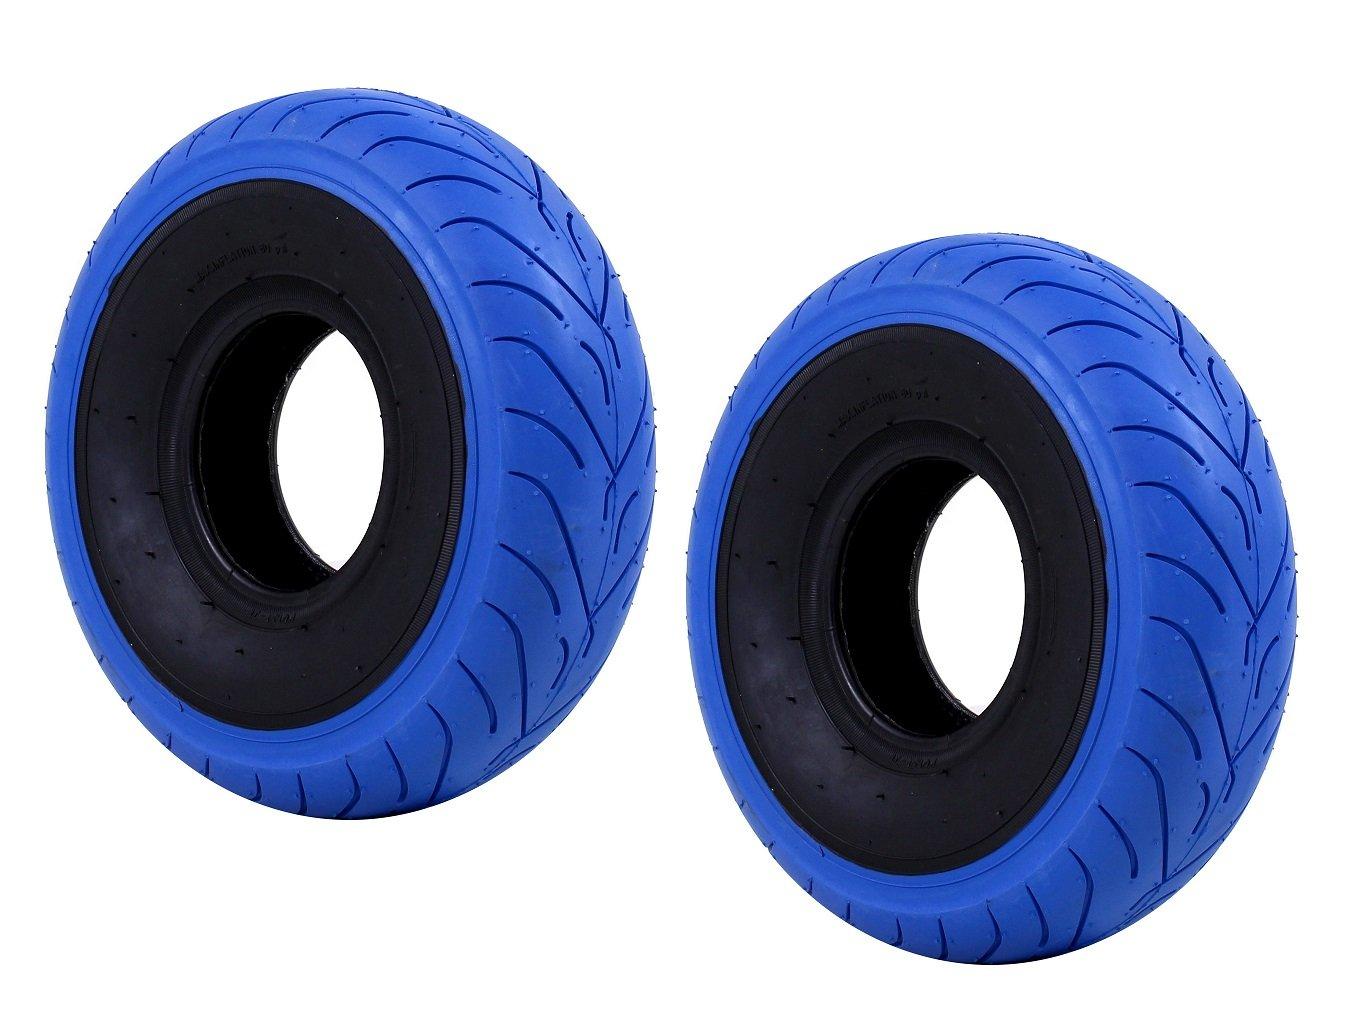 FatBoy Mini BMX 6-Ply Tires (Set of 2; Blue)